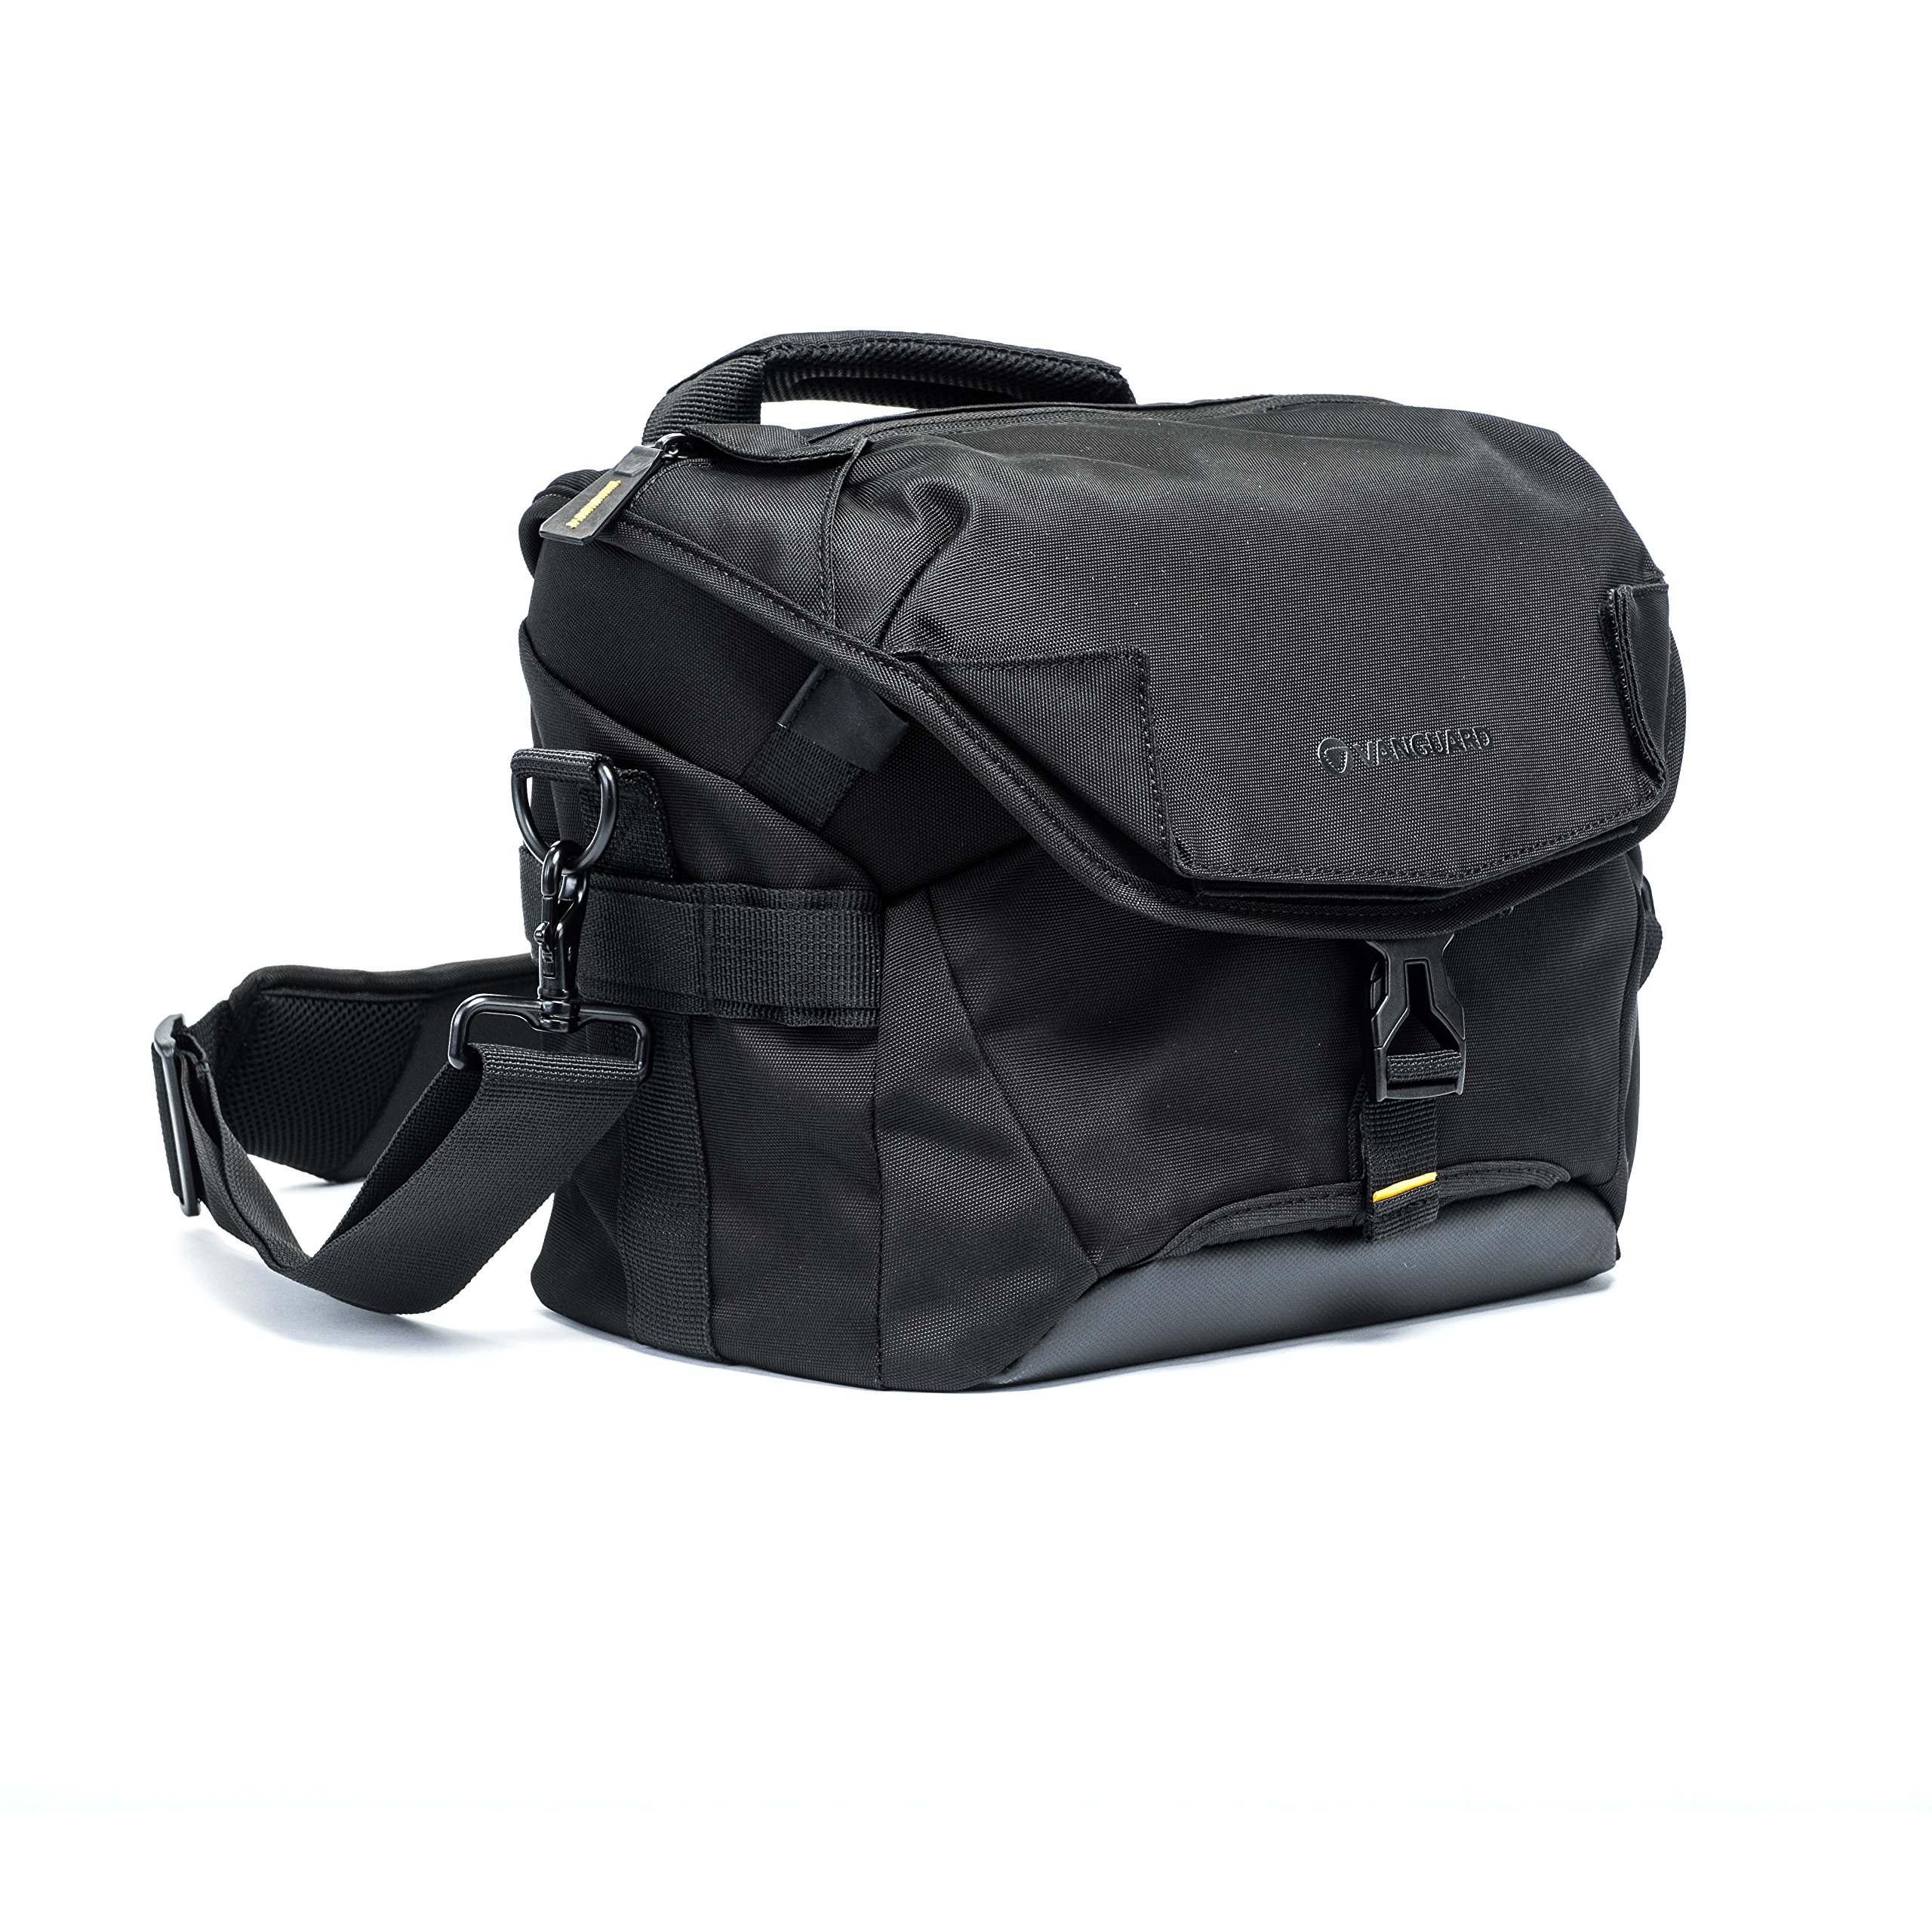 VANGUARD ALTA ACCESS 28X Messenger Bag, Black